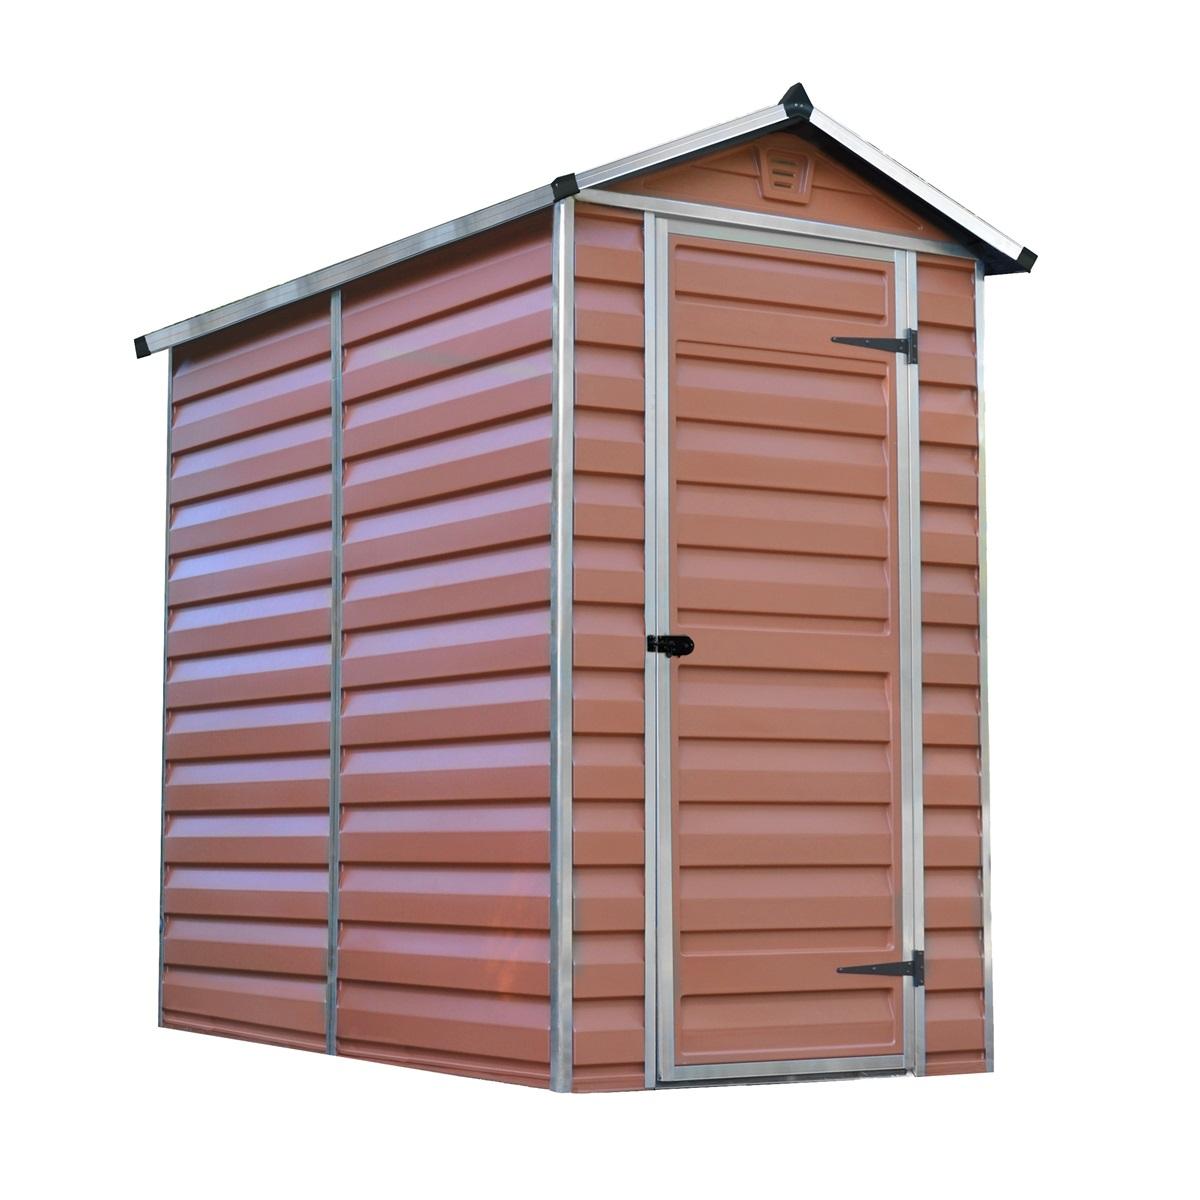 Palram Skylight 4x6 hnedý, záhradný domček